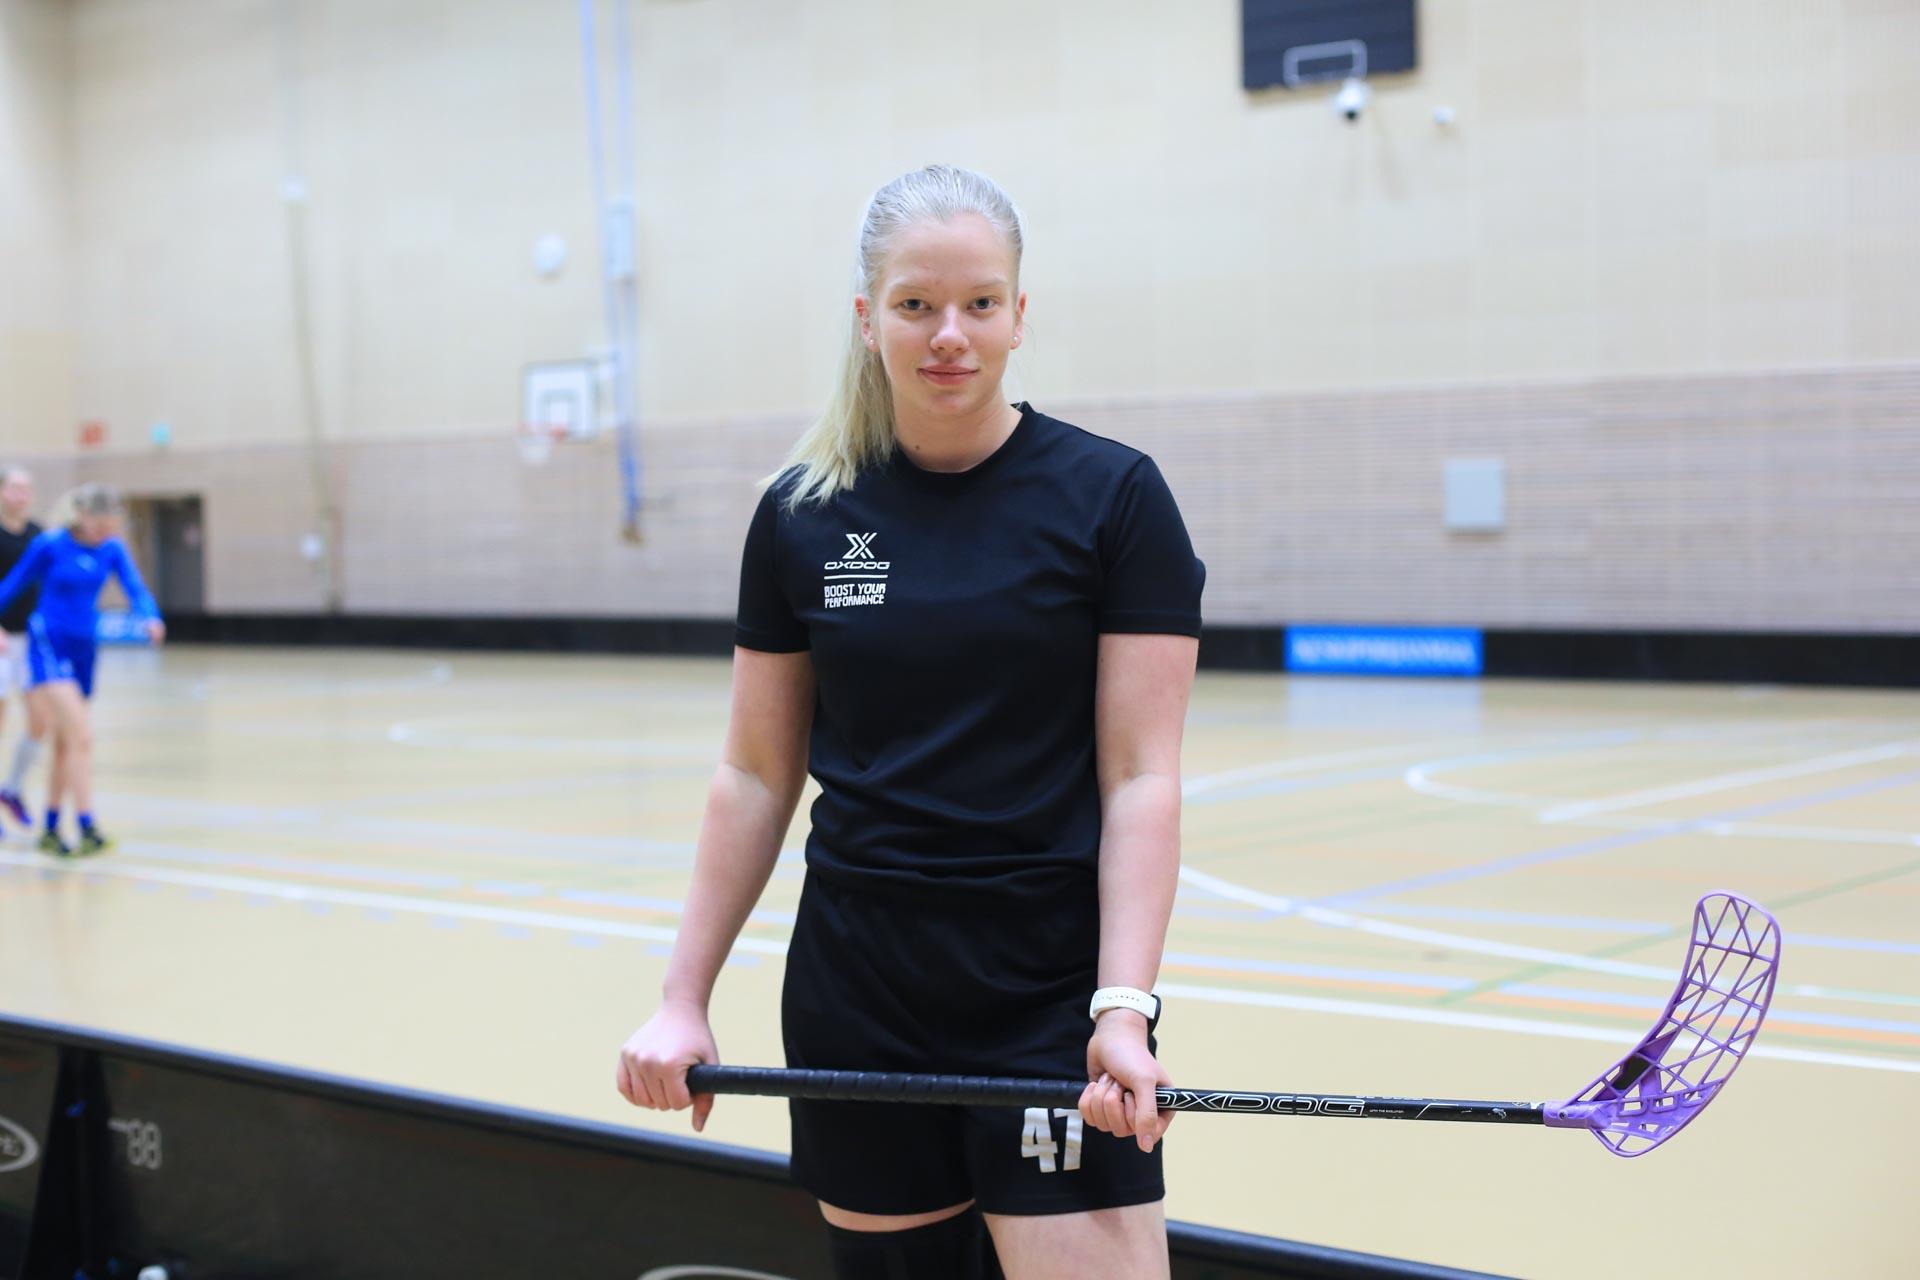 Kuvassa ammattilukiossa ja UrheiluAmiksessa opiskeleva Anniina Hakala poseeraa sählykentällä.